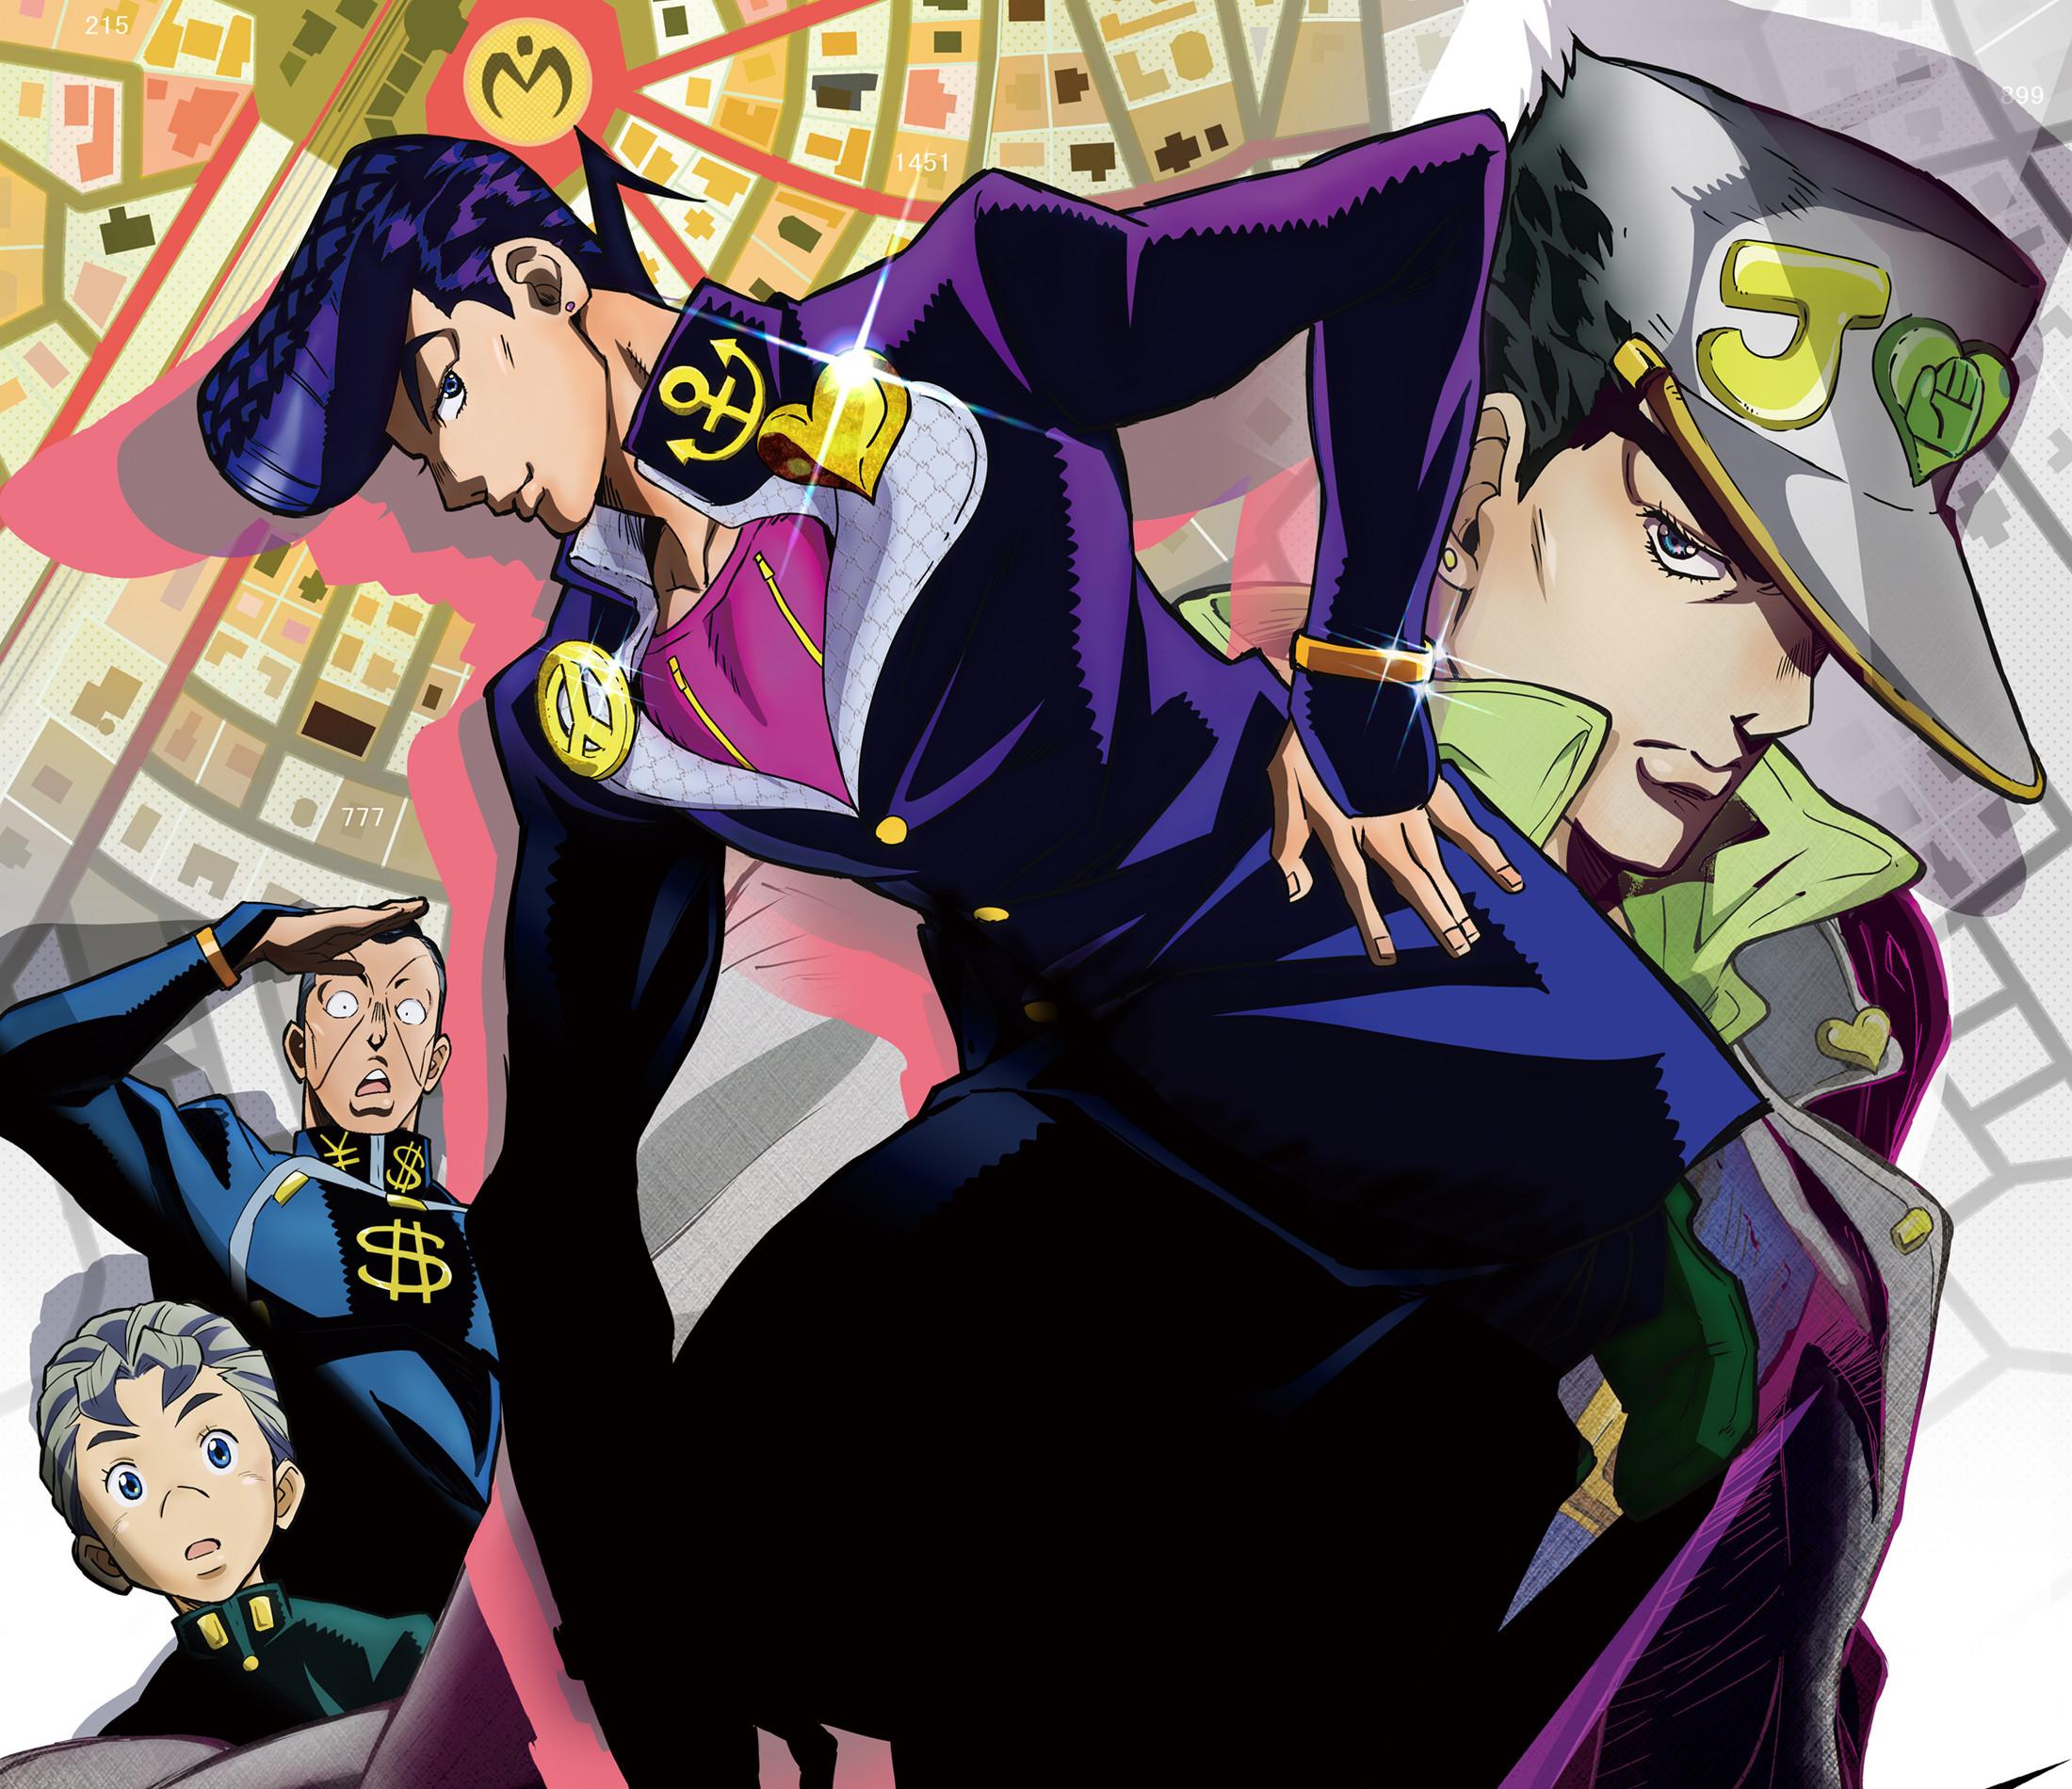 Anime – Jojo's Bizarre Adventure Josuke Higashikata Jotaro Kujo Okuyasu  Nijimura Koichi Hirose Wallpaper